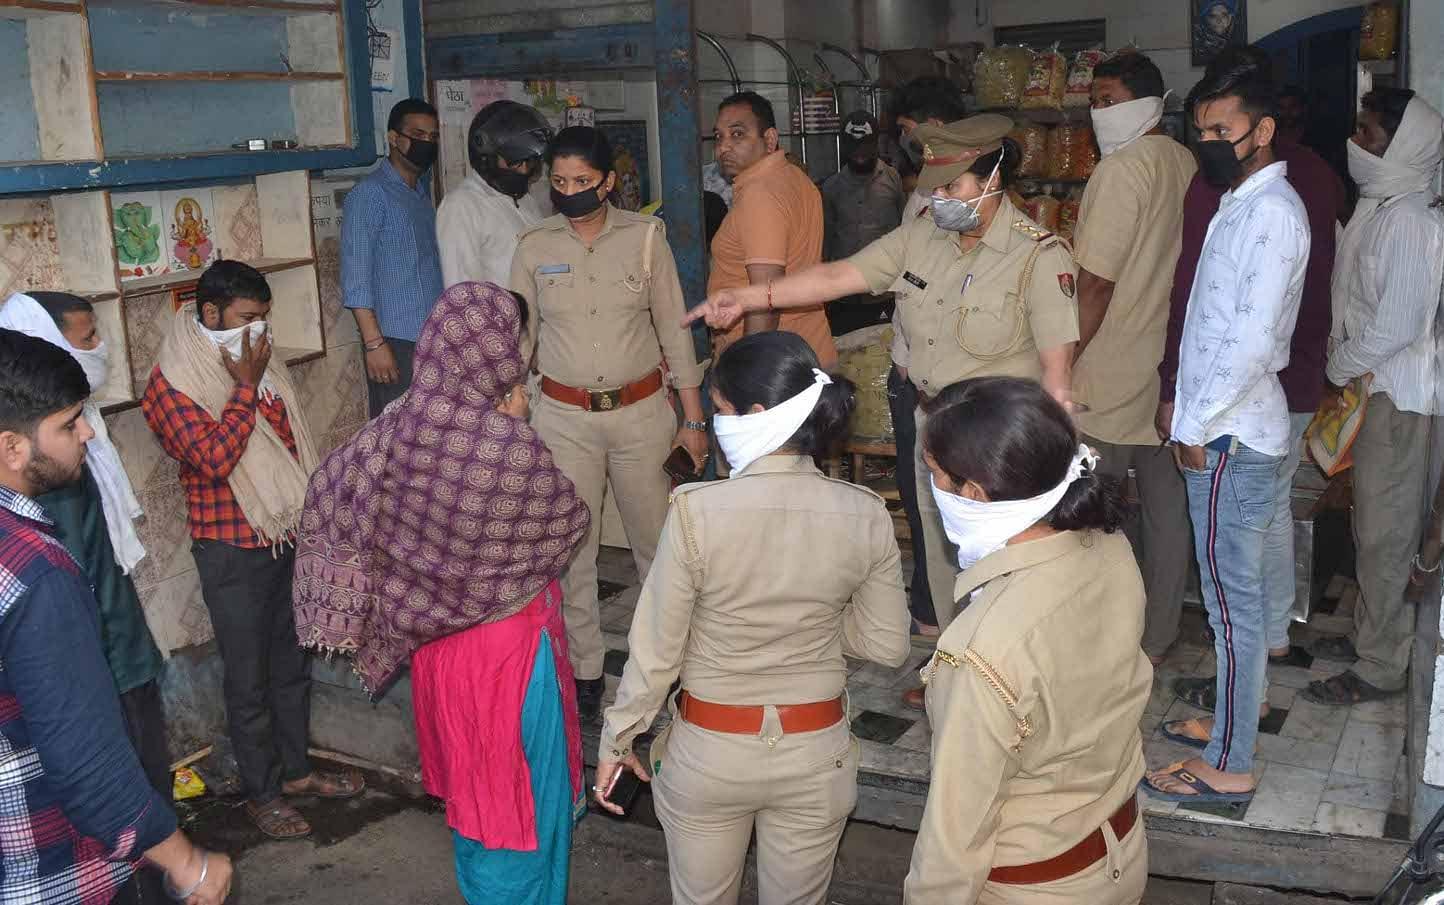 शामली परचून की दुकान में समान ले रहे लोगो को समझाती महिला पुलिस कर्मी